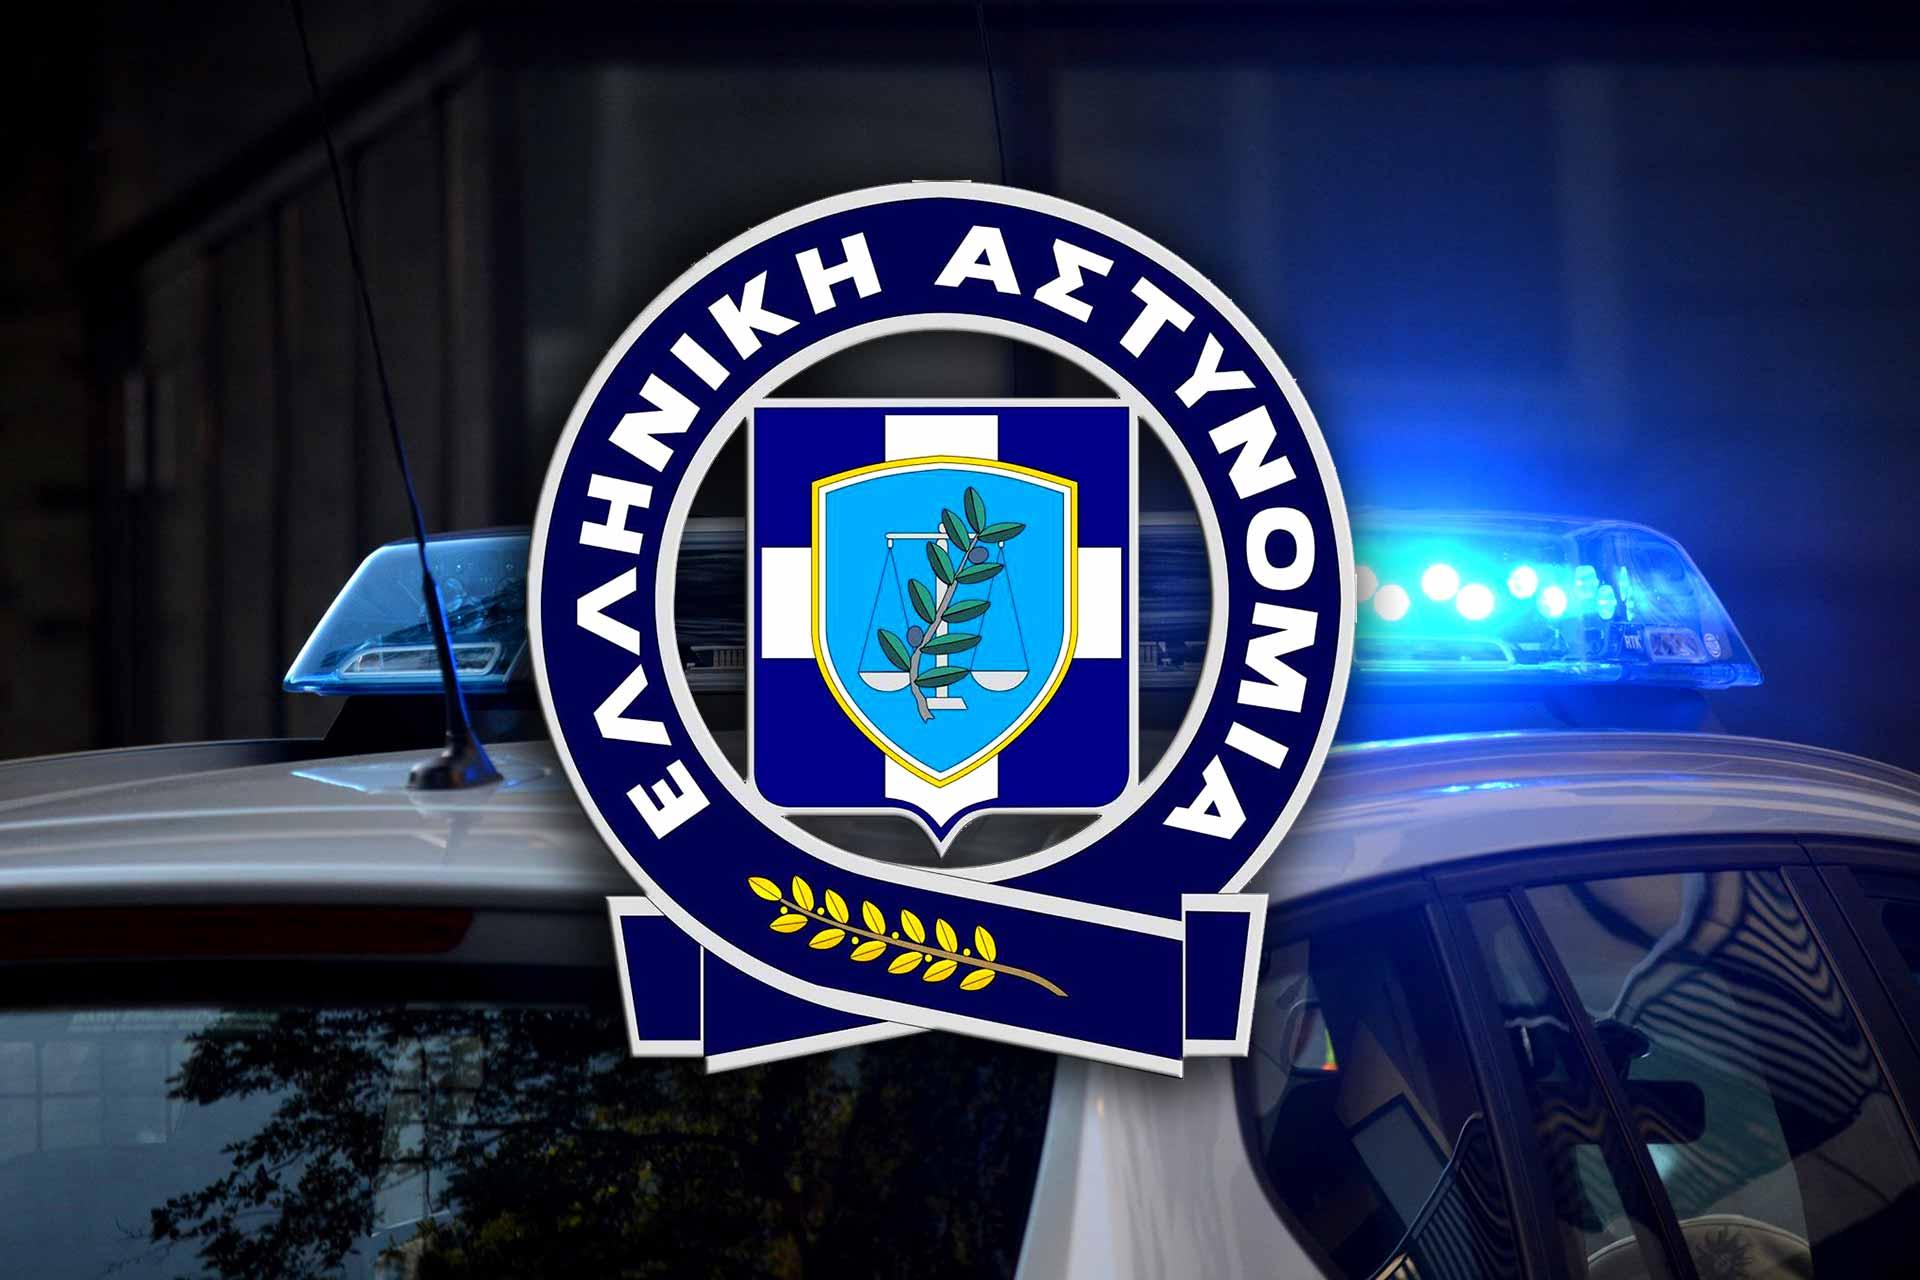 Ελληνική Αστυνομία - Άμεση Δράση 100 - Δήμος Δωρίδος - Dorida SOS